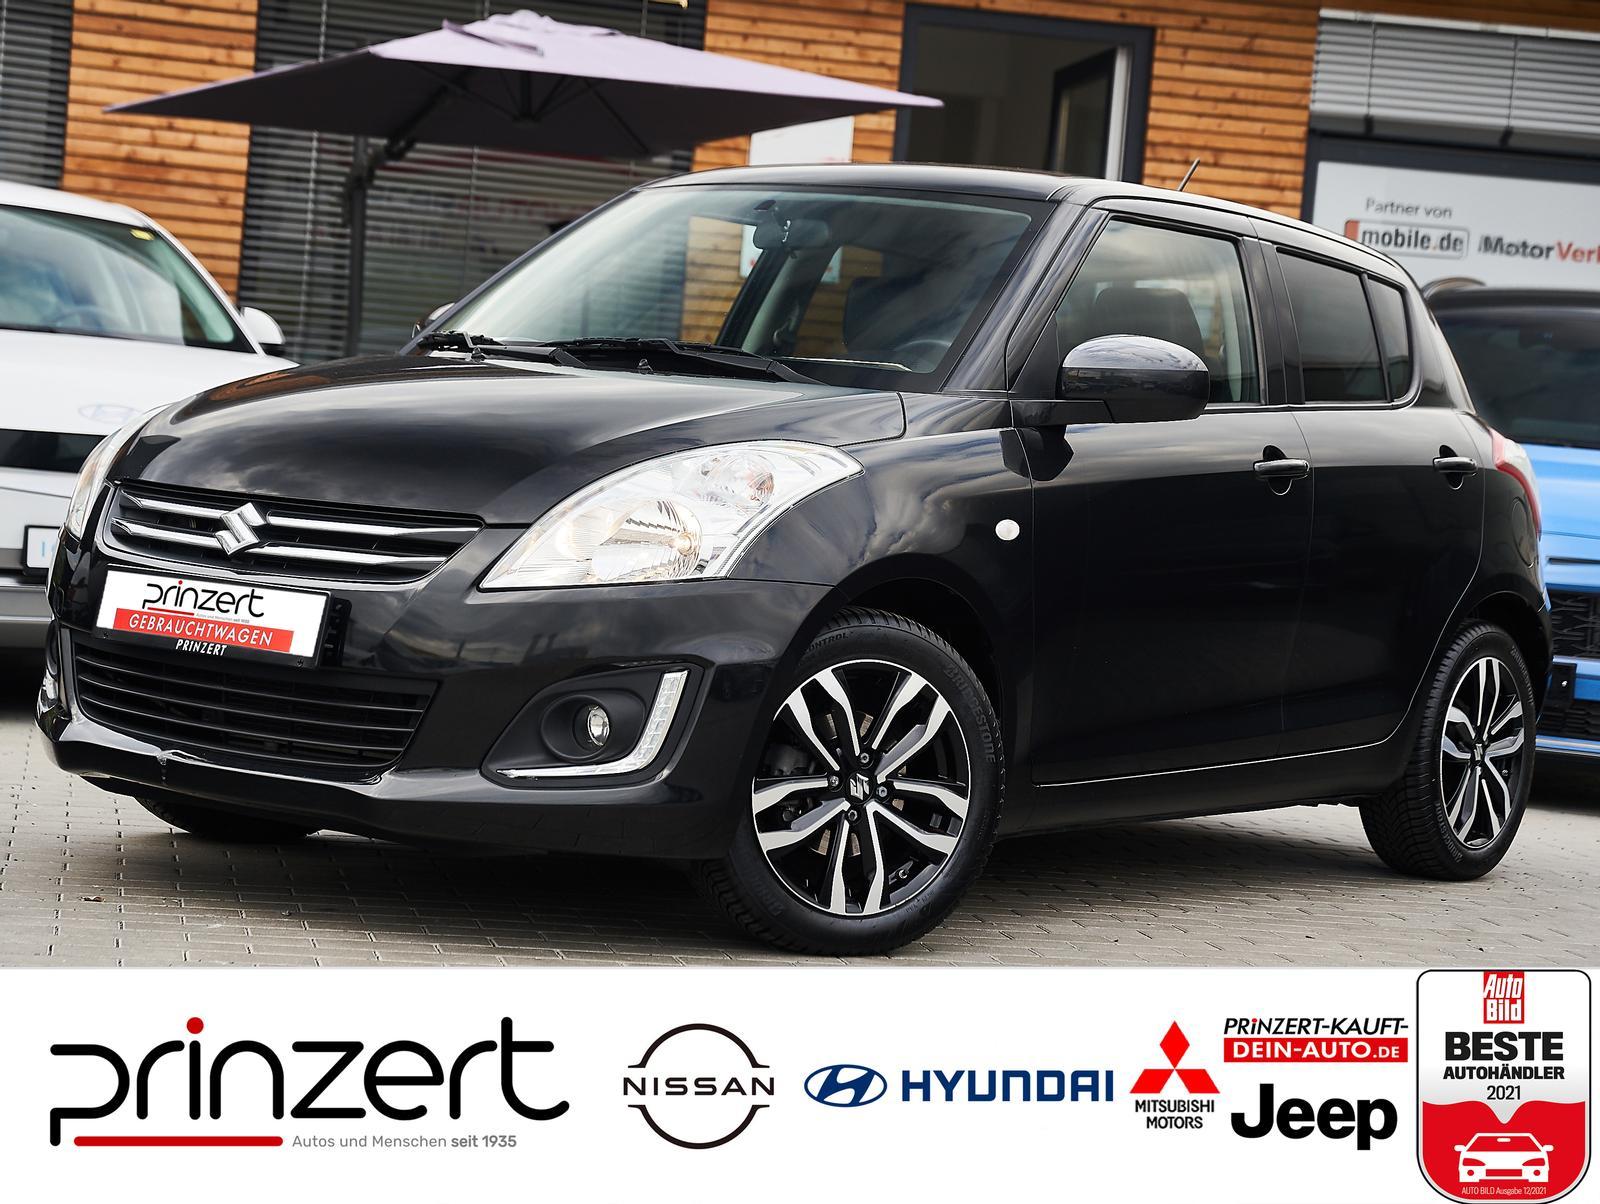 Suzuki Swift 1.2 MT Teilleder Tempomat Allwetter, Jahr 2015, Benzin